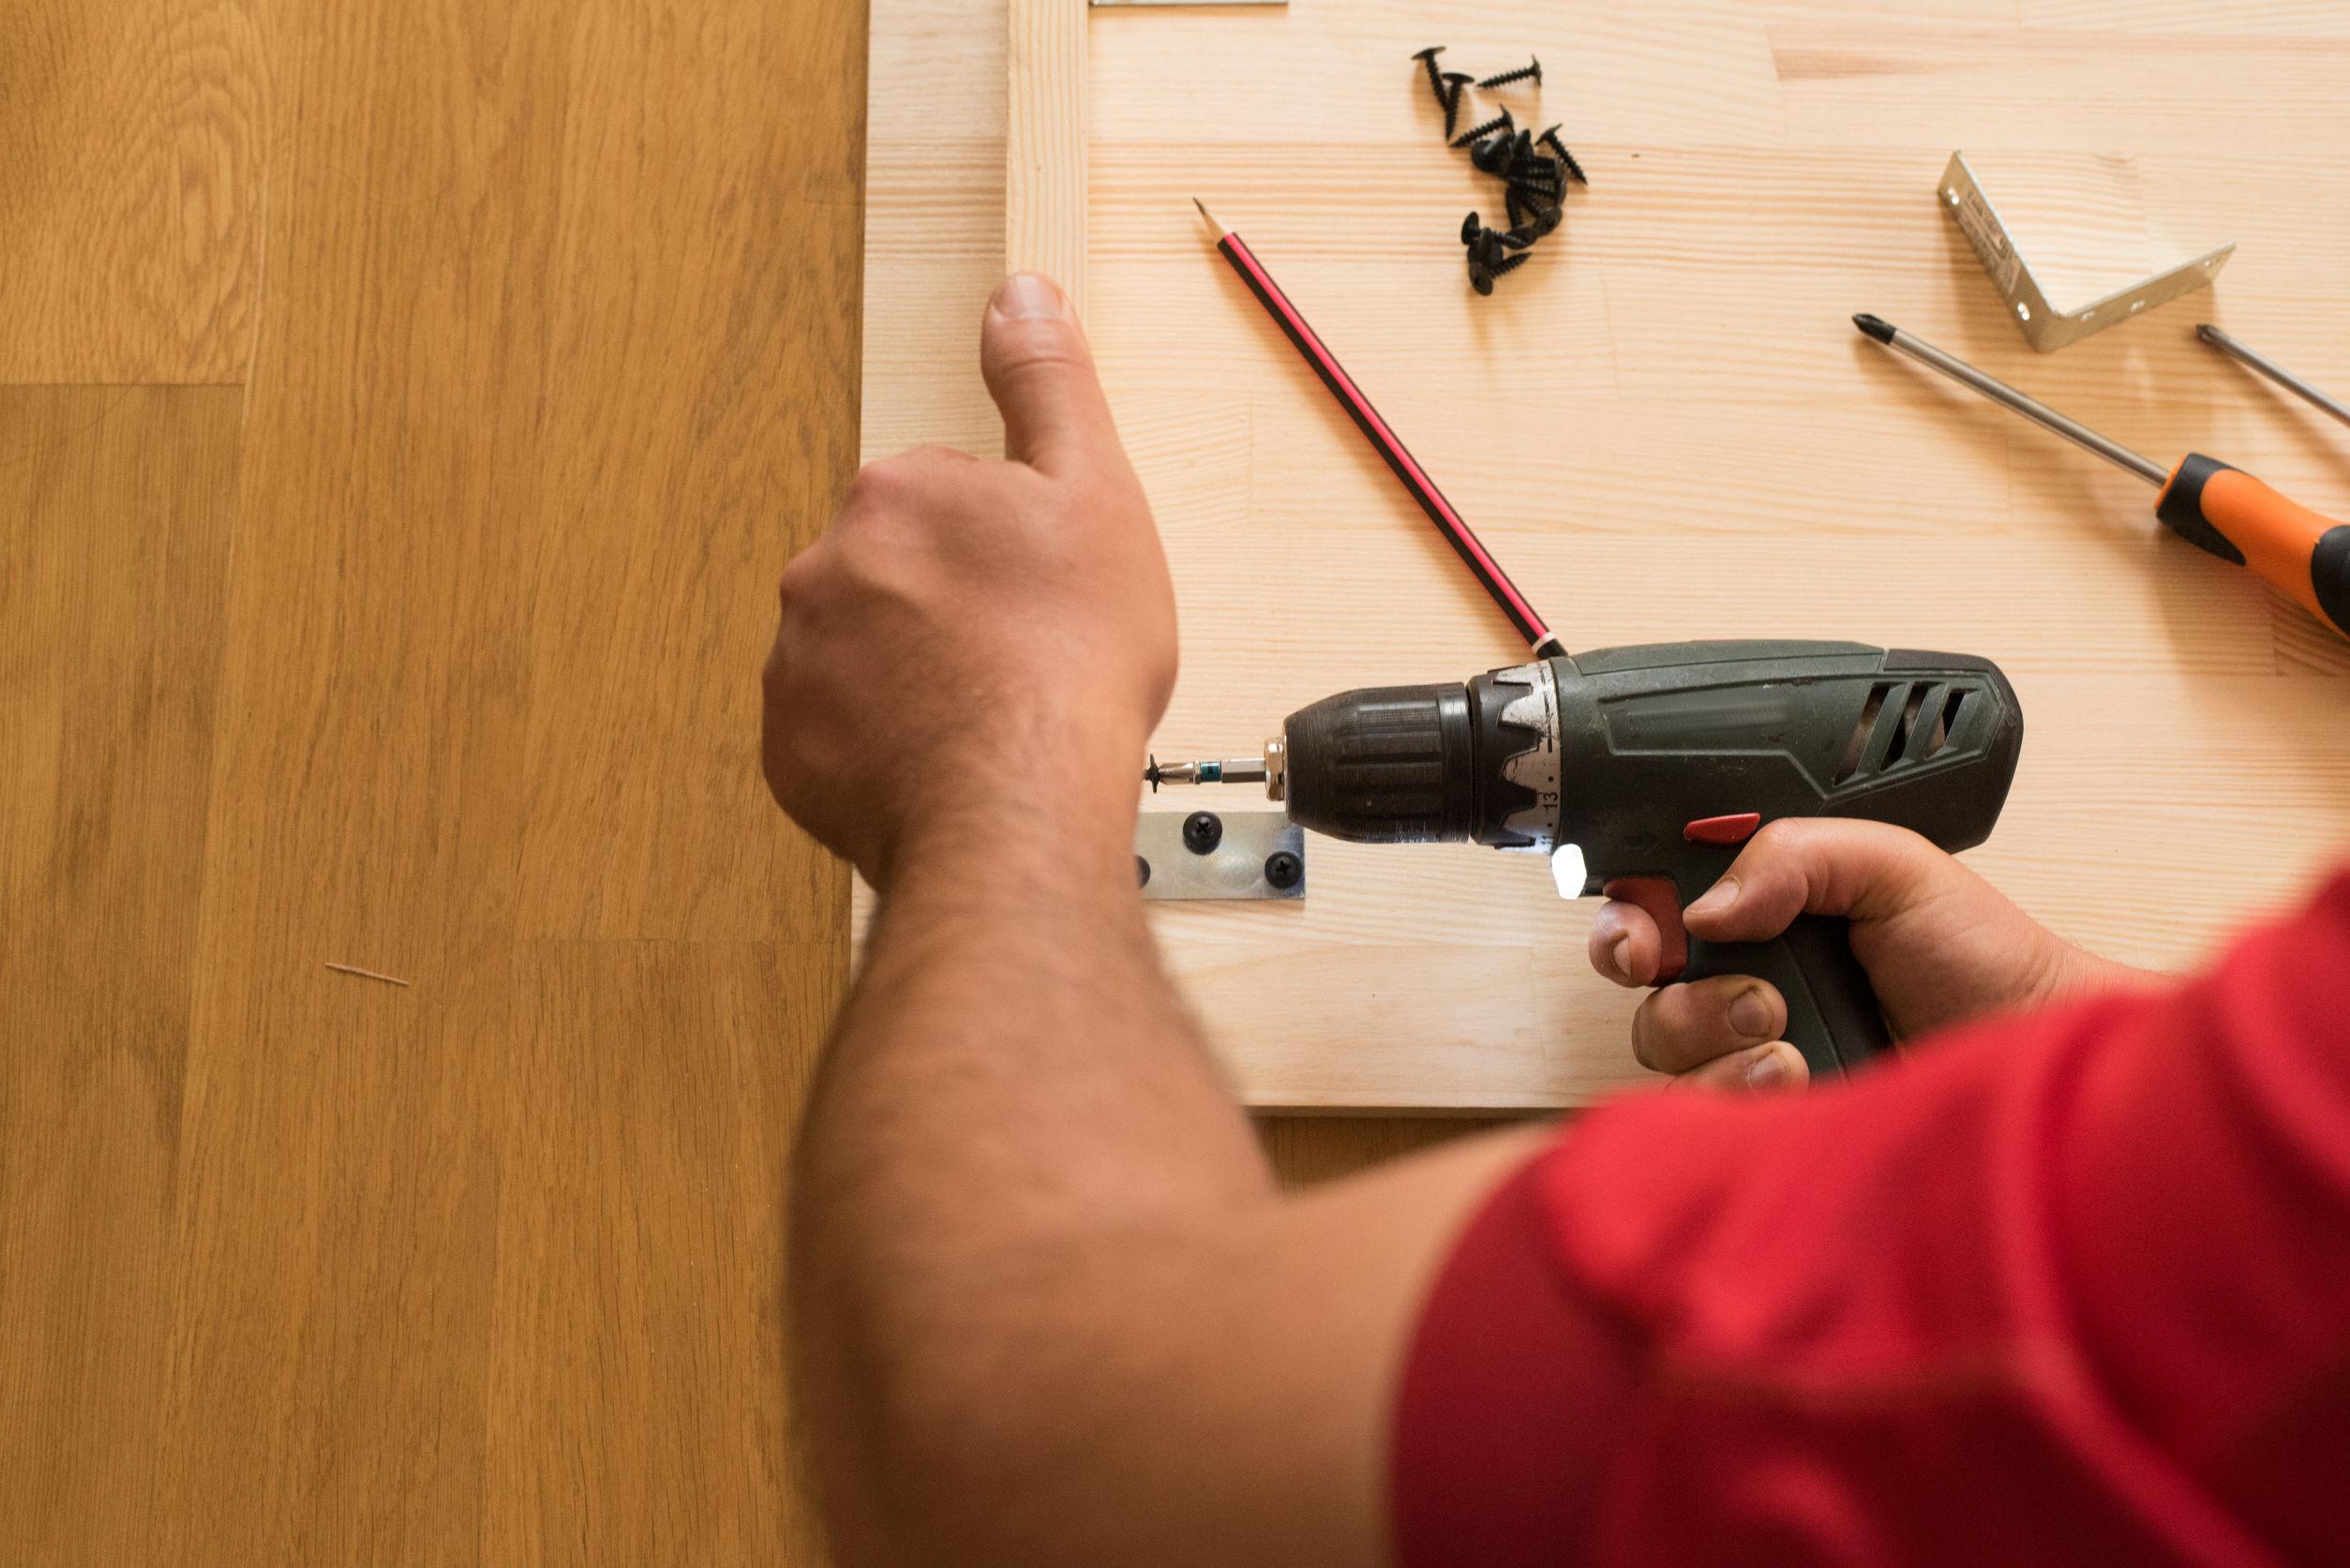 Imagem mostra uma pessoa usando uma parafusadeira em uma madeira.